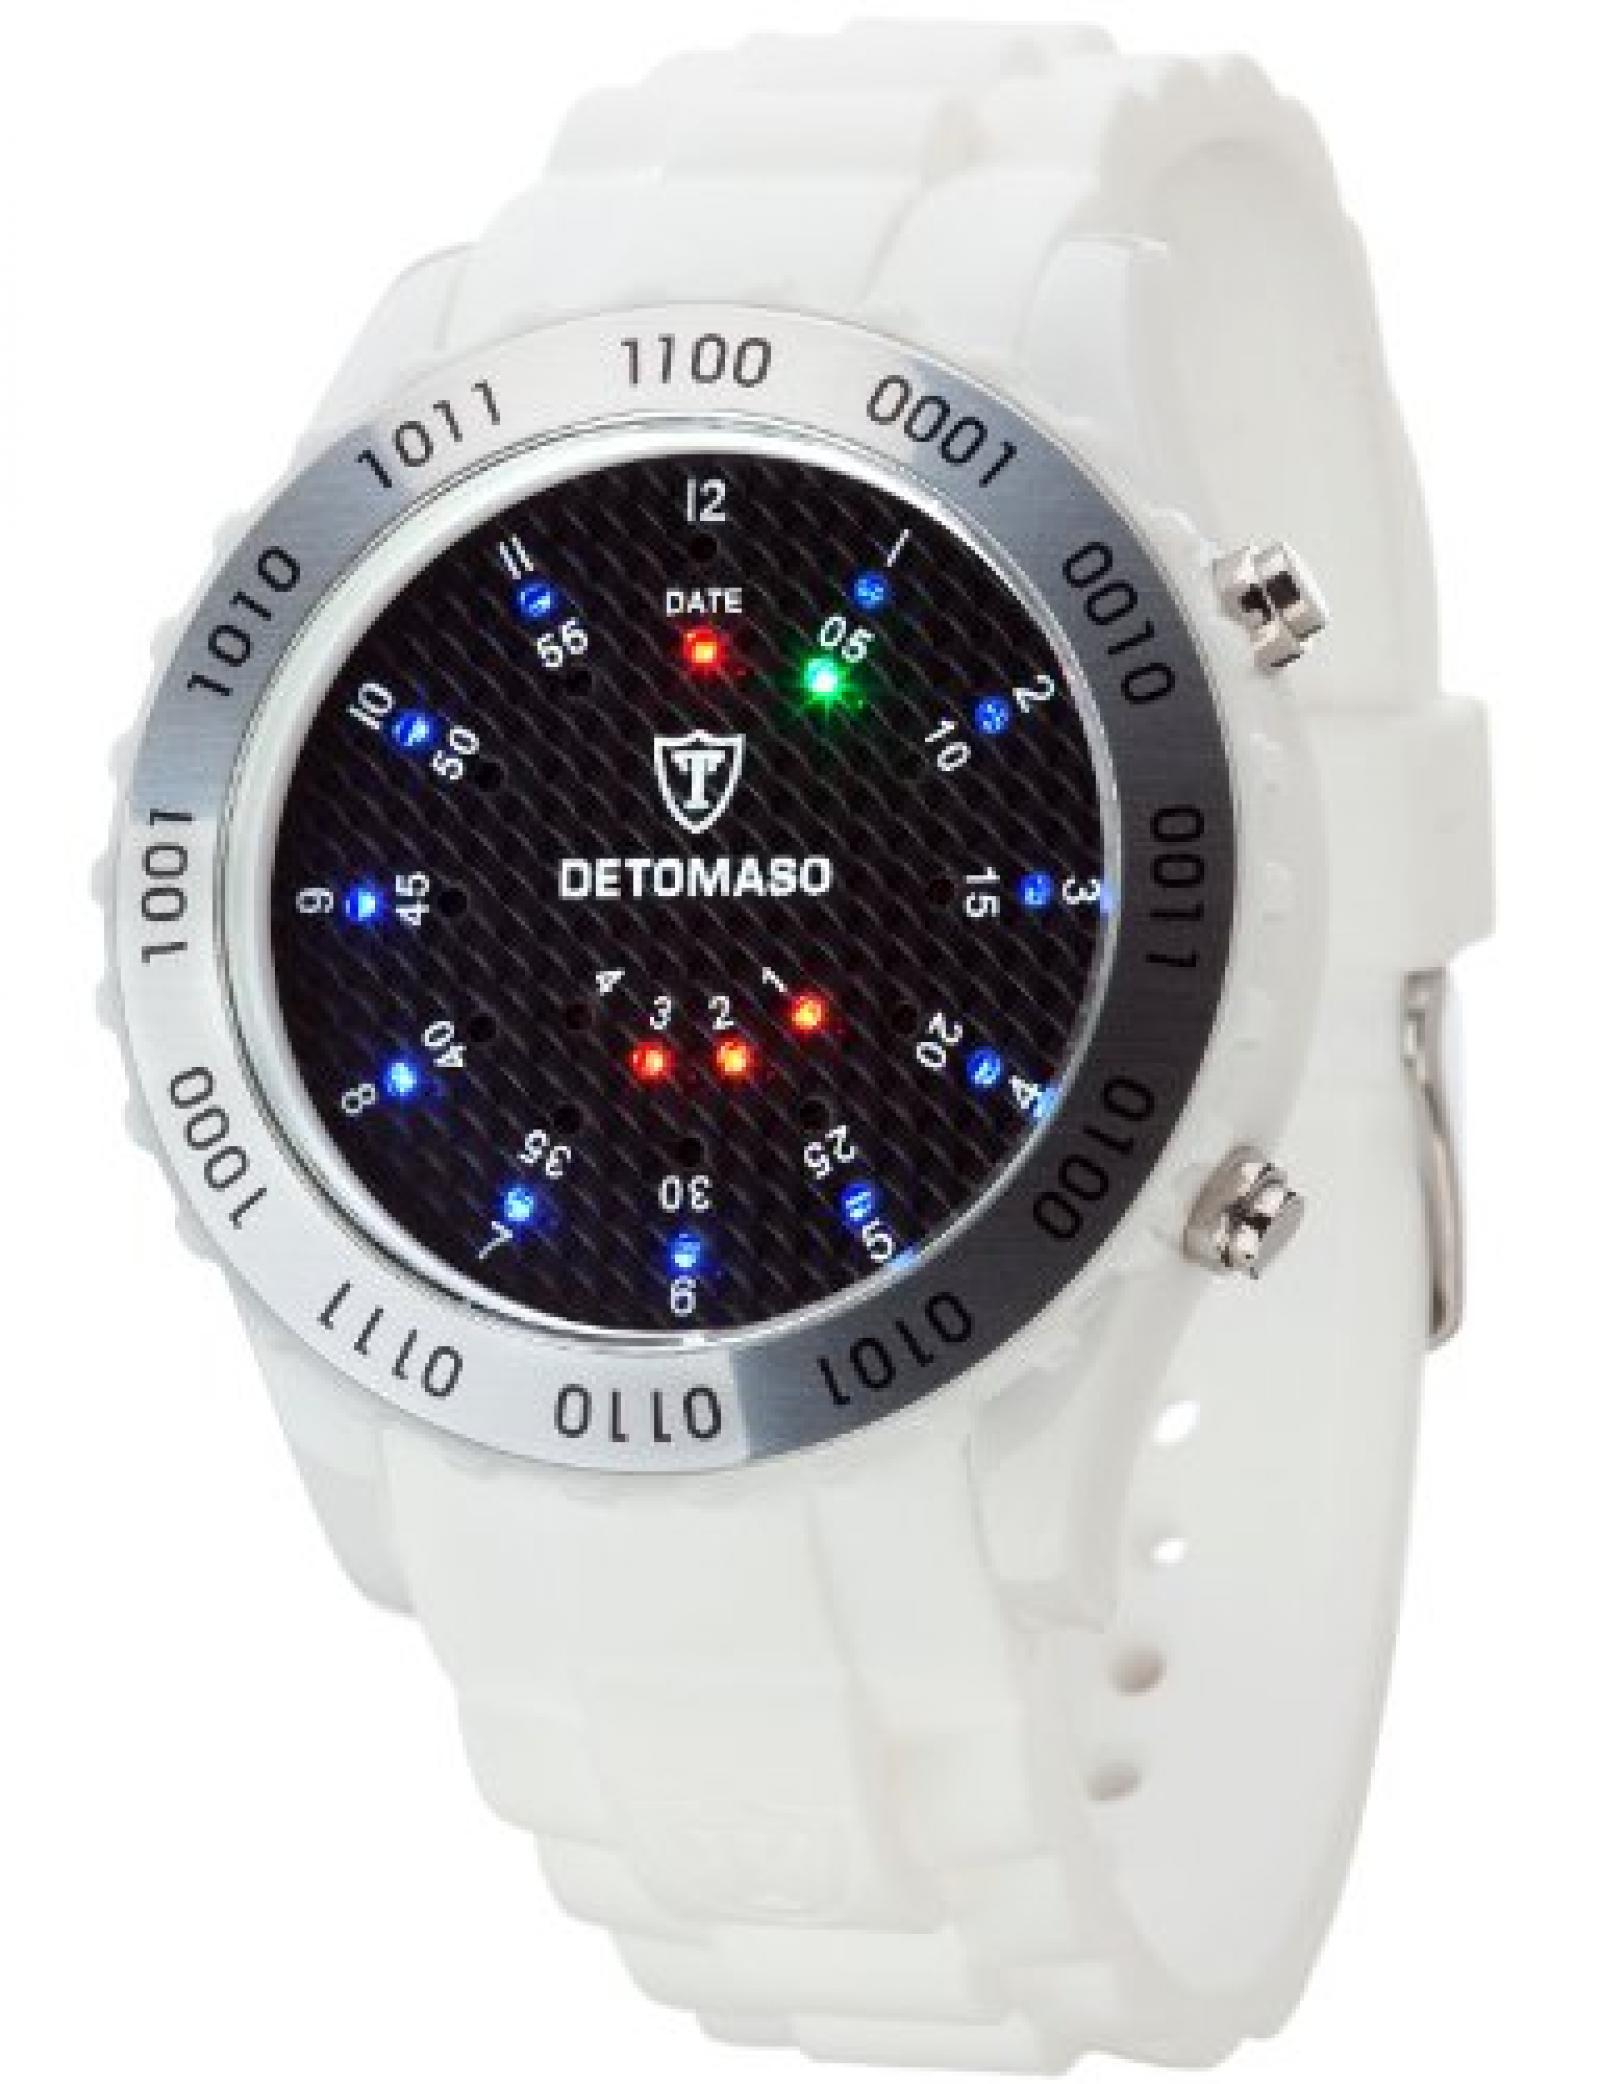 Detomaso Unisex-Armbanduhr SPACY TIMELINE Silicon White/Black Dial Digital Quarz Silikon DT2015-A